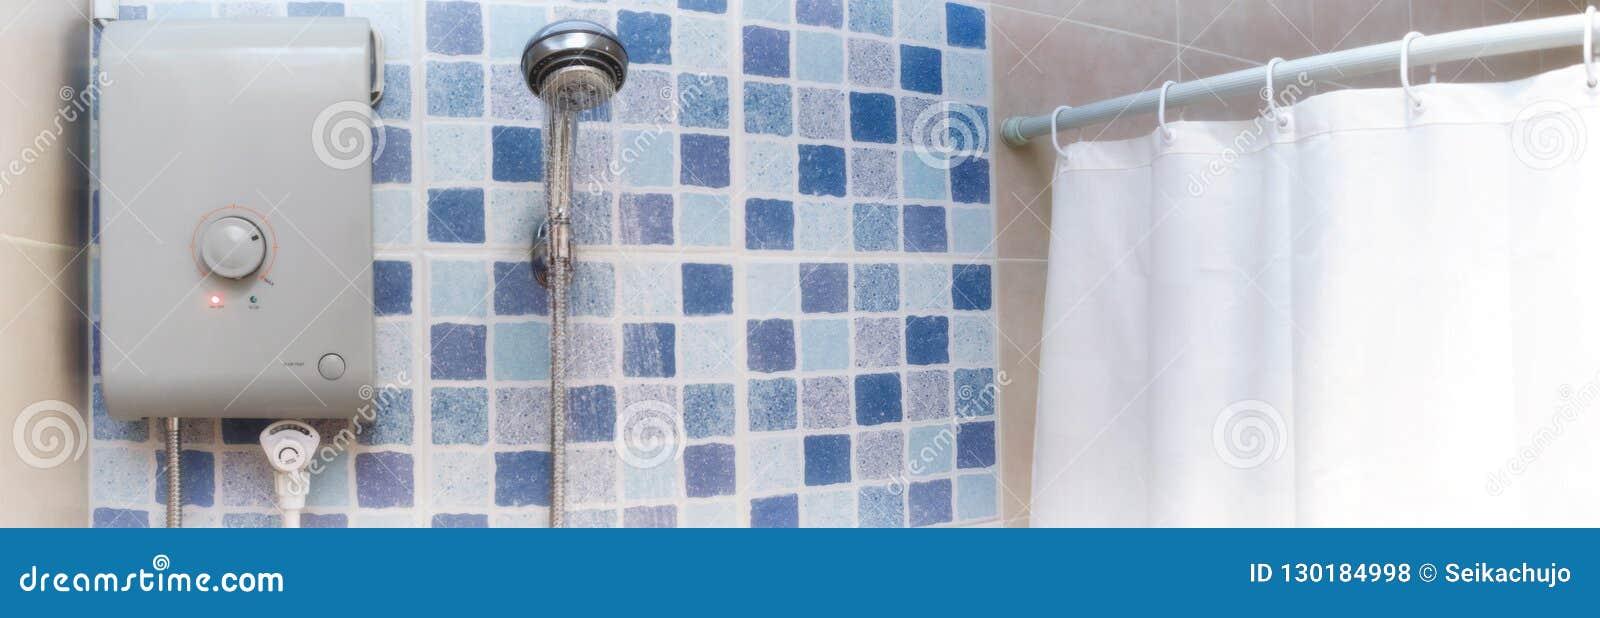 Heißwasser für das Duschen von einem elektrisch betriebenen Warmwasserbereiter